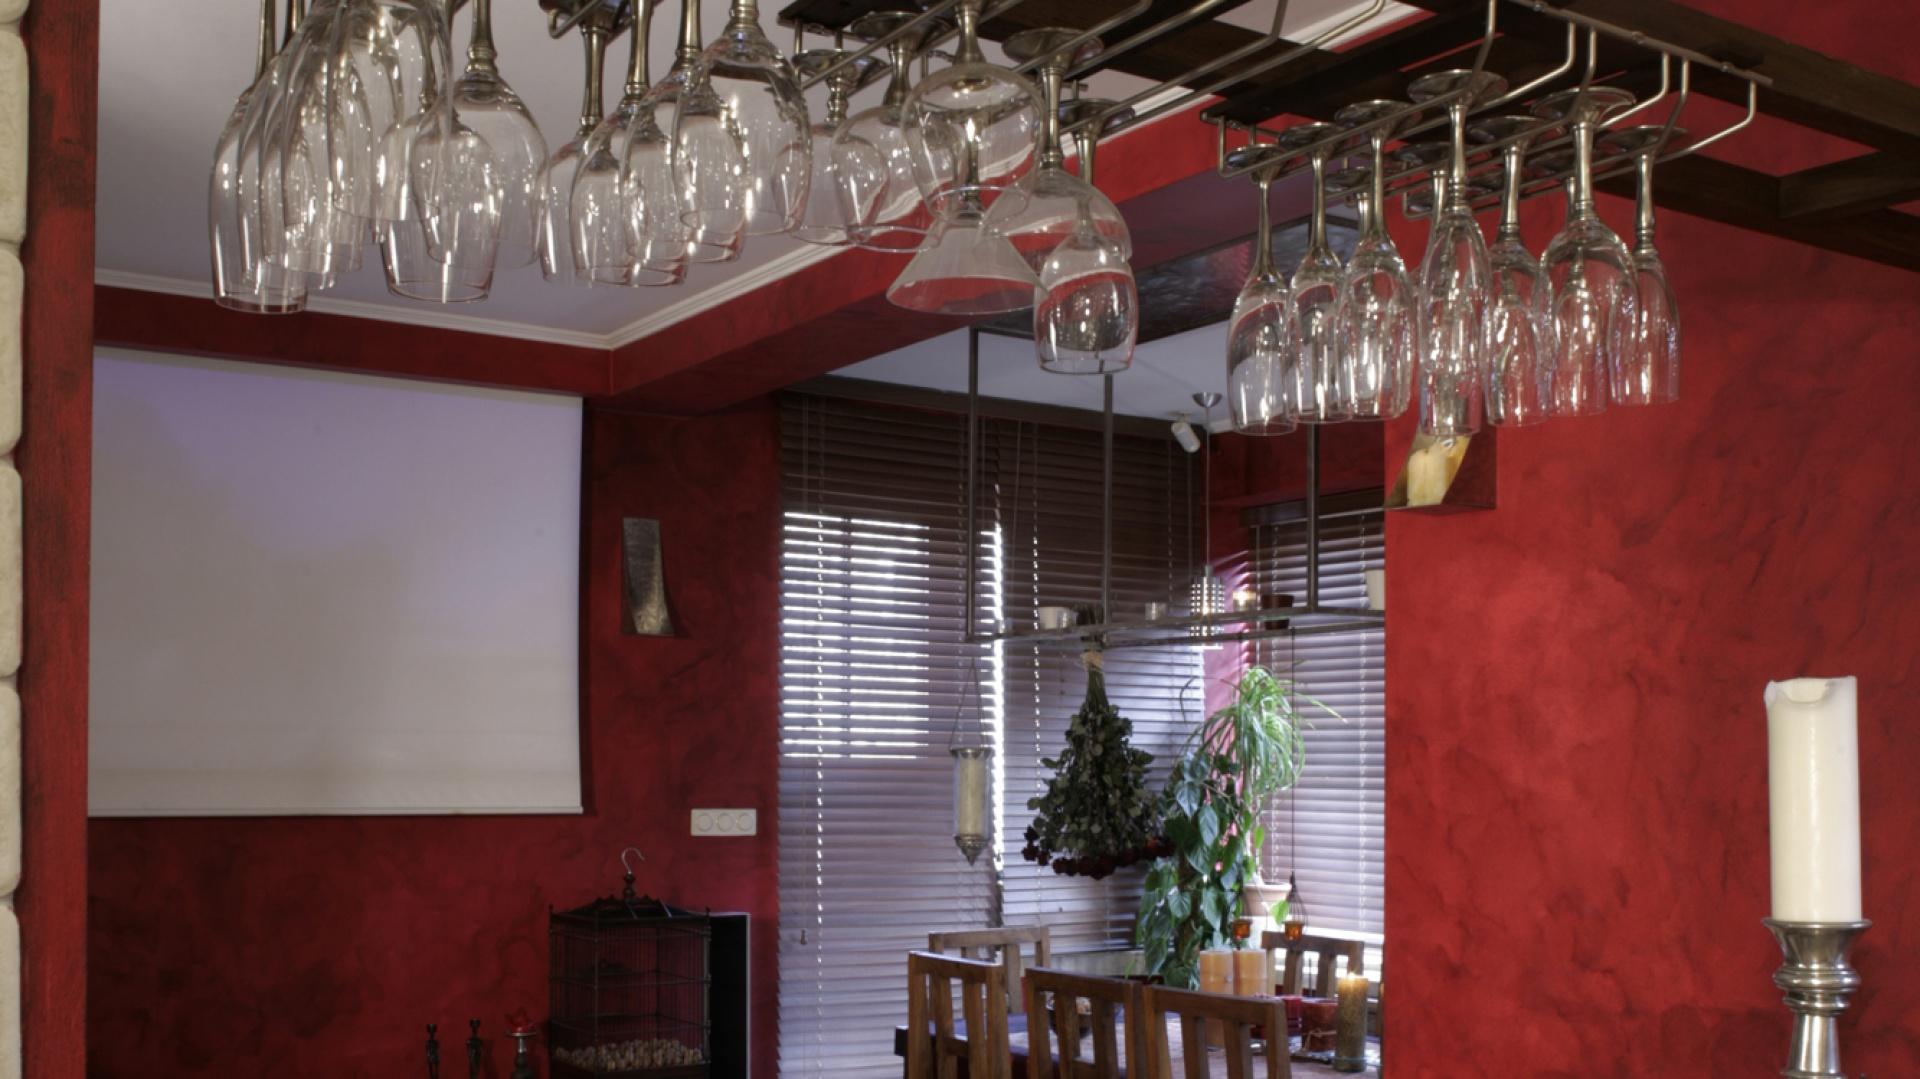 Z umieszczonego pod kuchennym sufitem rzutnika, na wysuwanym w salonie ekranie, wyświetlane są filmy i zdjęcia z podróży gospodarza. Nad barem efektownie zwisają prawdziwe cacka – piękna kolekcja kieliszków z nóżkami wykonanymi ze srebra. Fot. Monika Filipiuk.